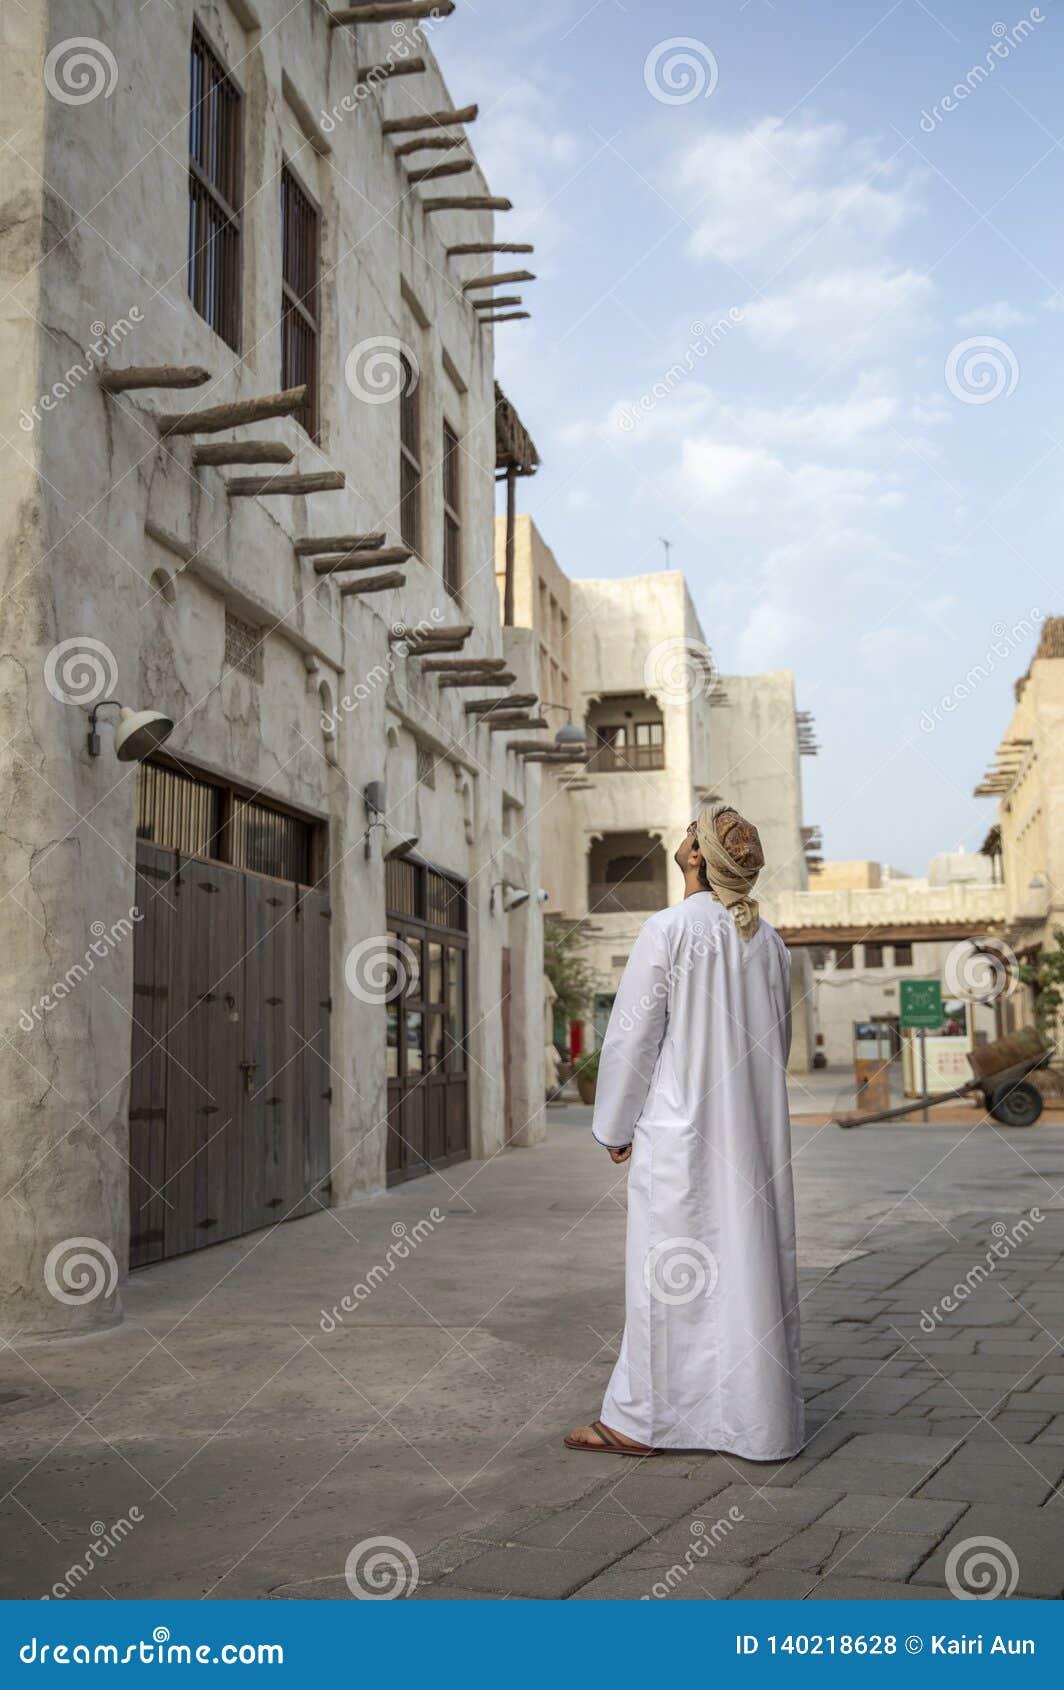 Arabski mężczyzna podziwia architekturę Al Seef